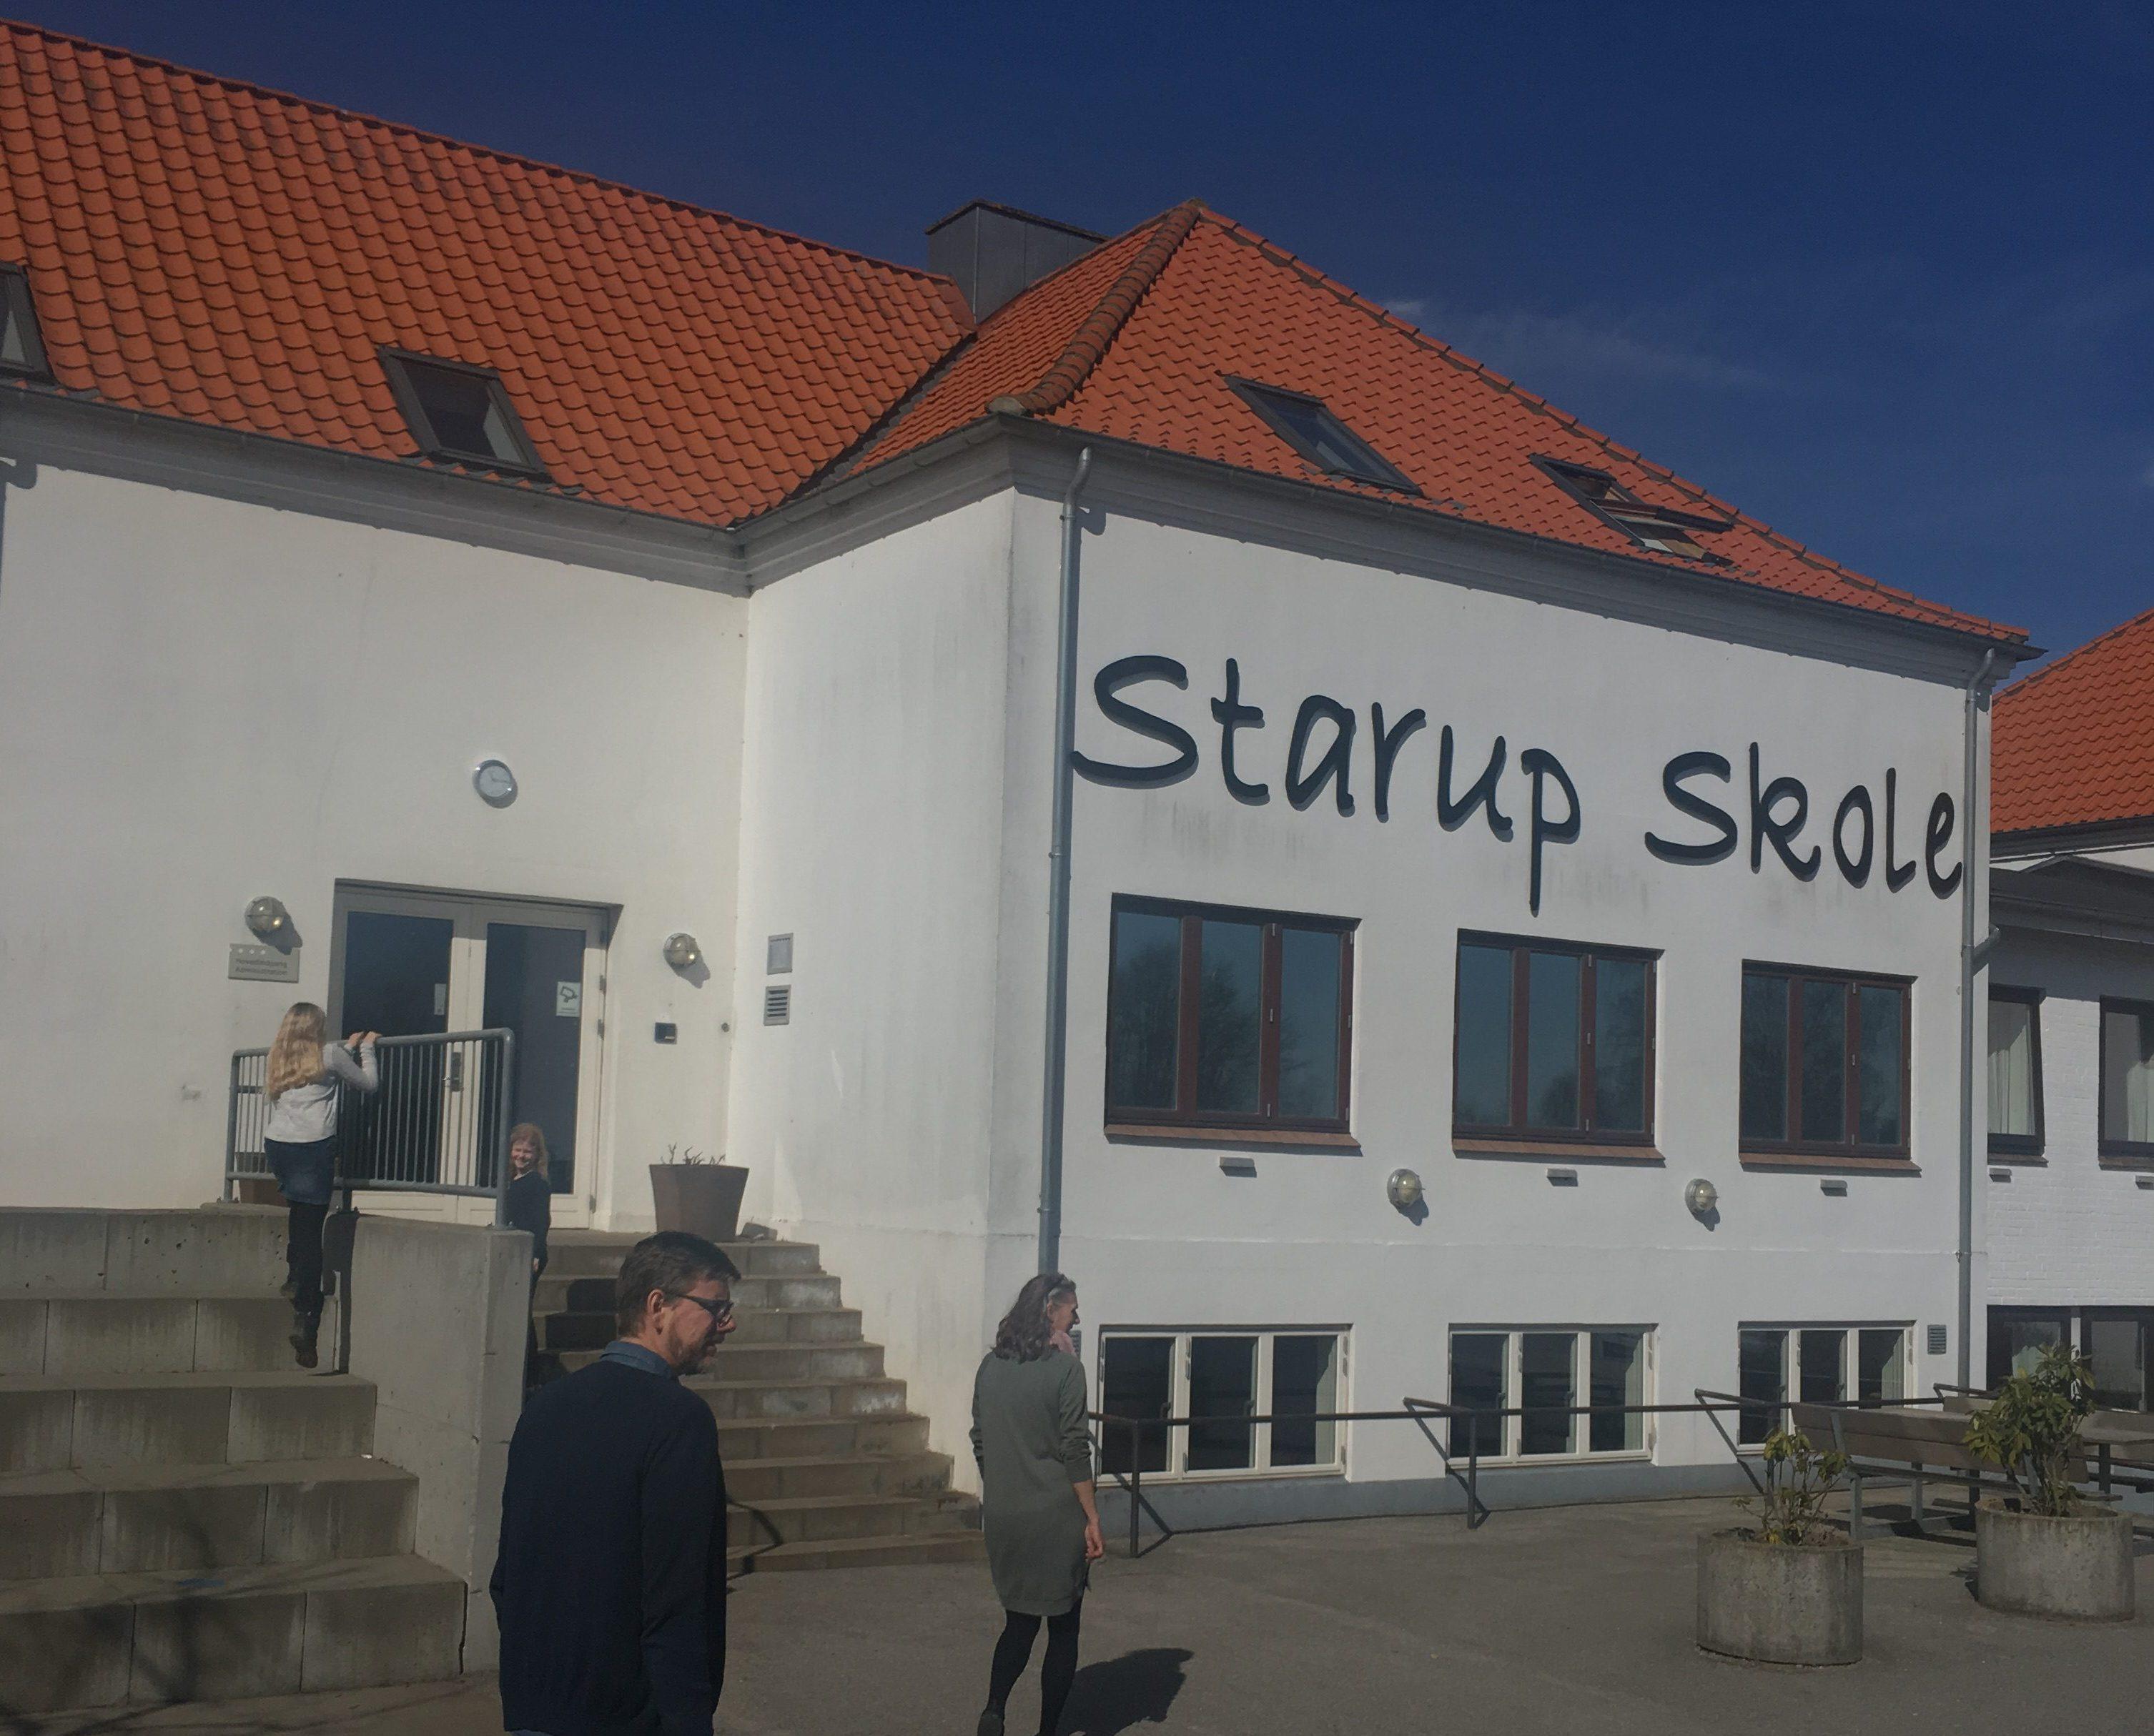 FÆLLESSKOLEN STARUP ØSBY